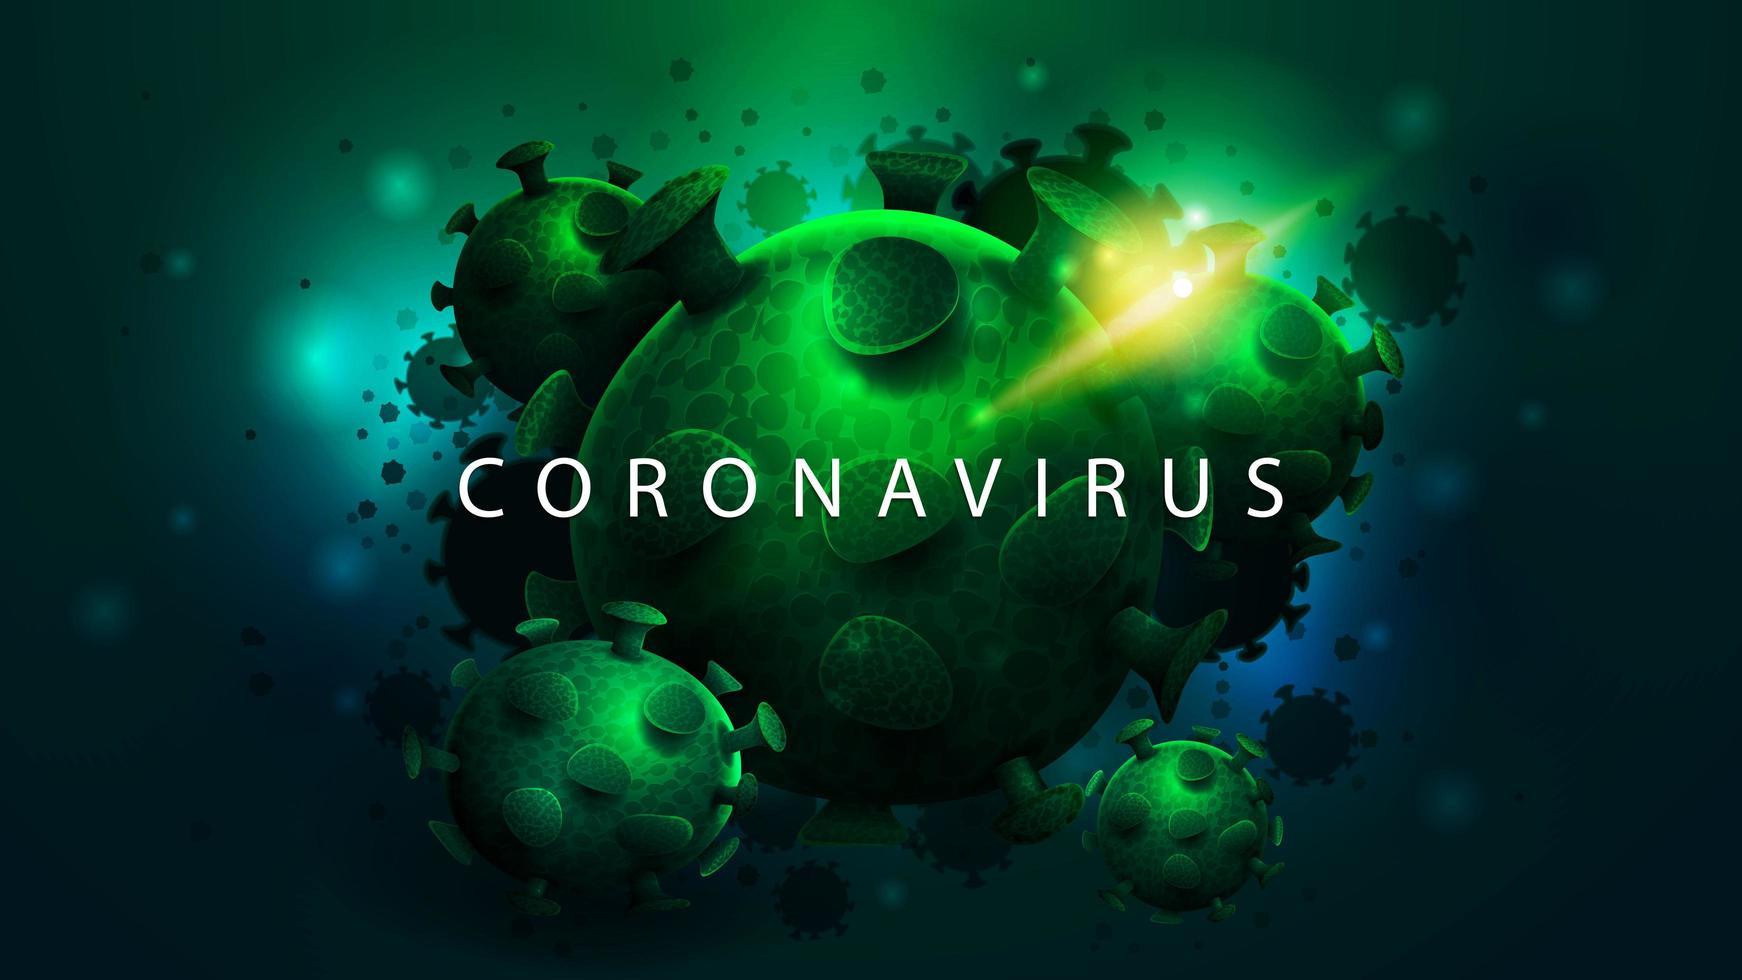 poster scuro con grandi molecole di coronavirus verde vettore